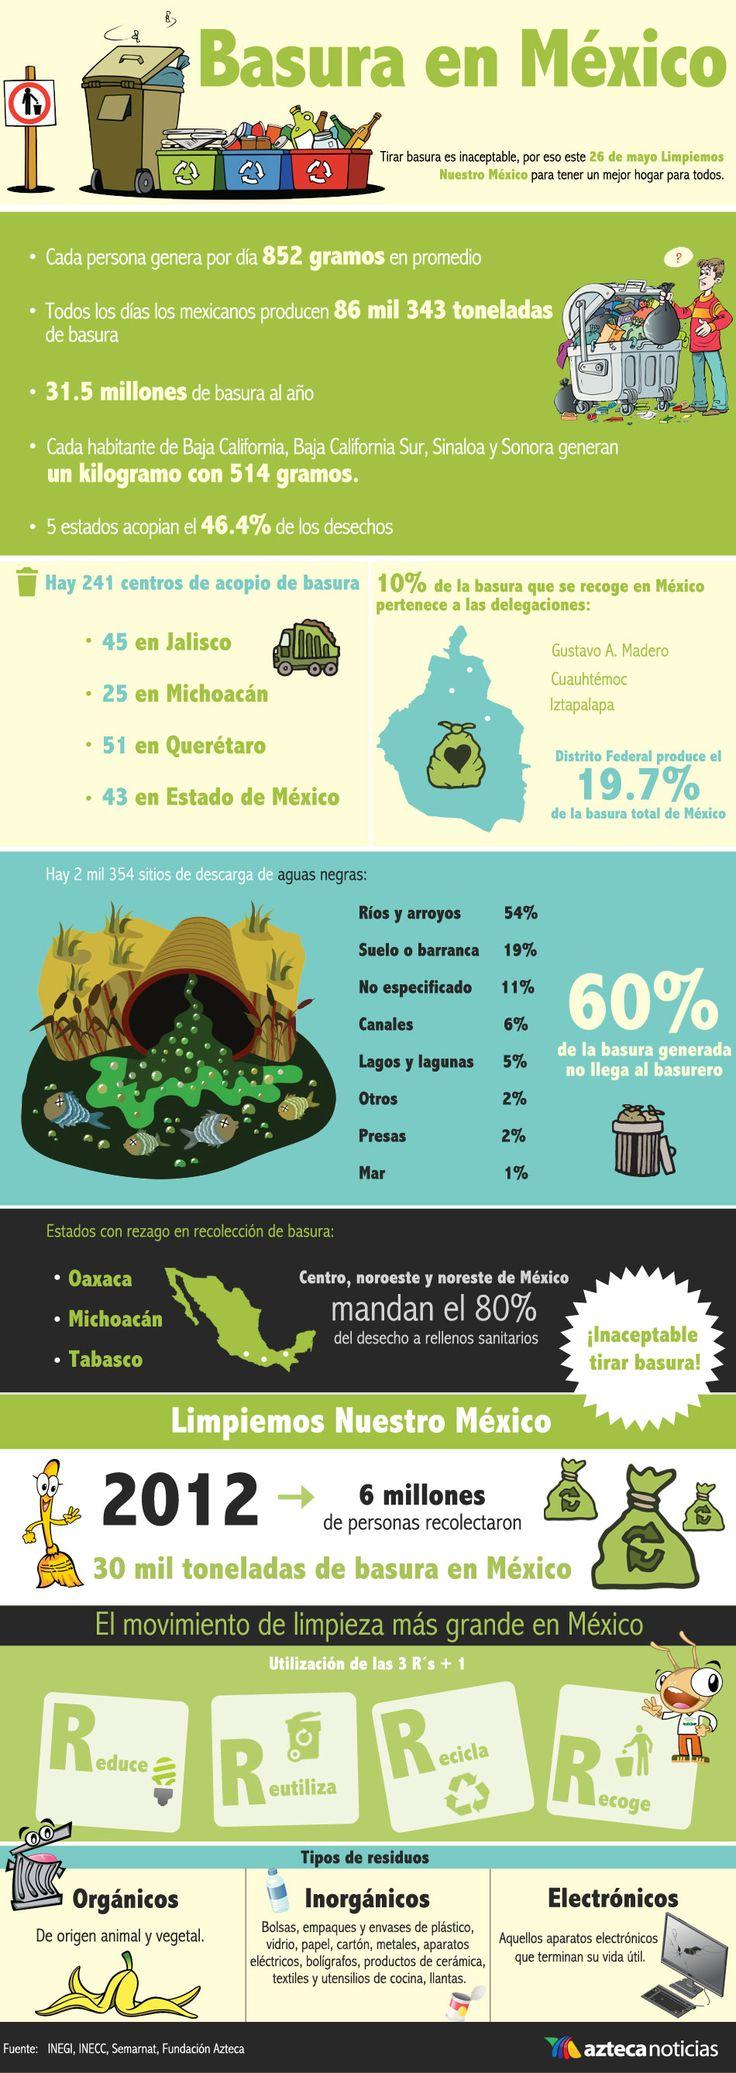 Basura en México